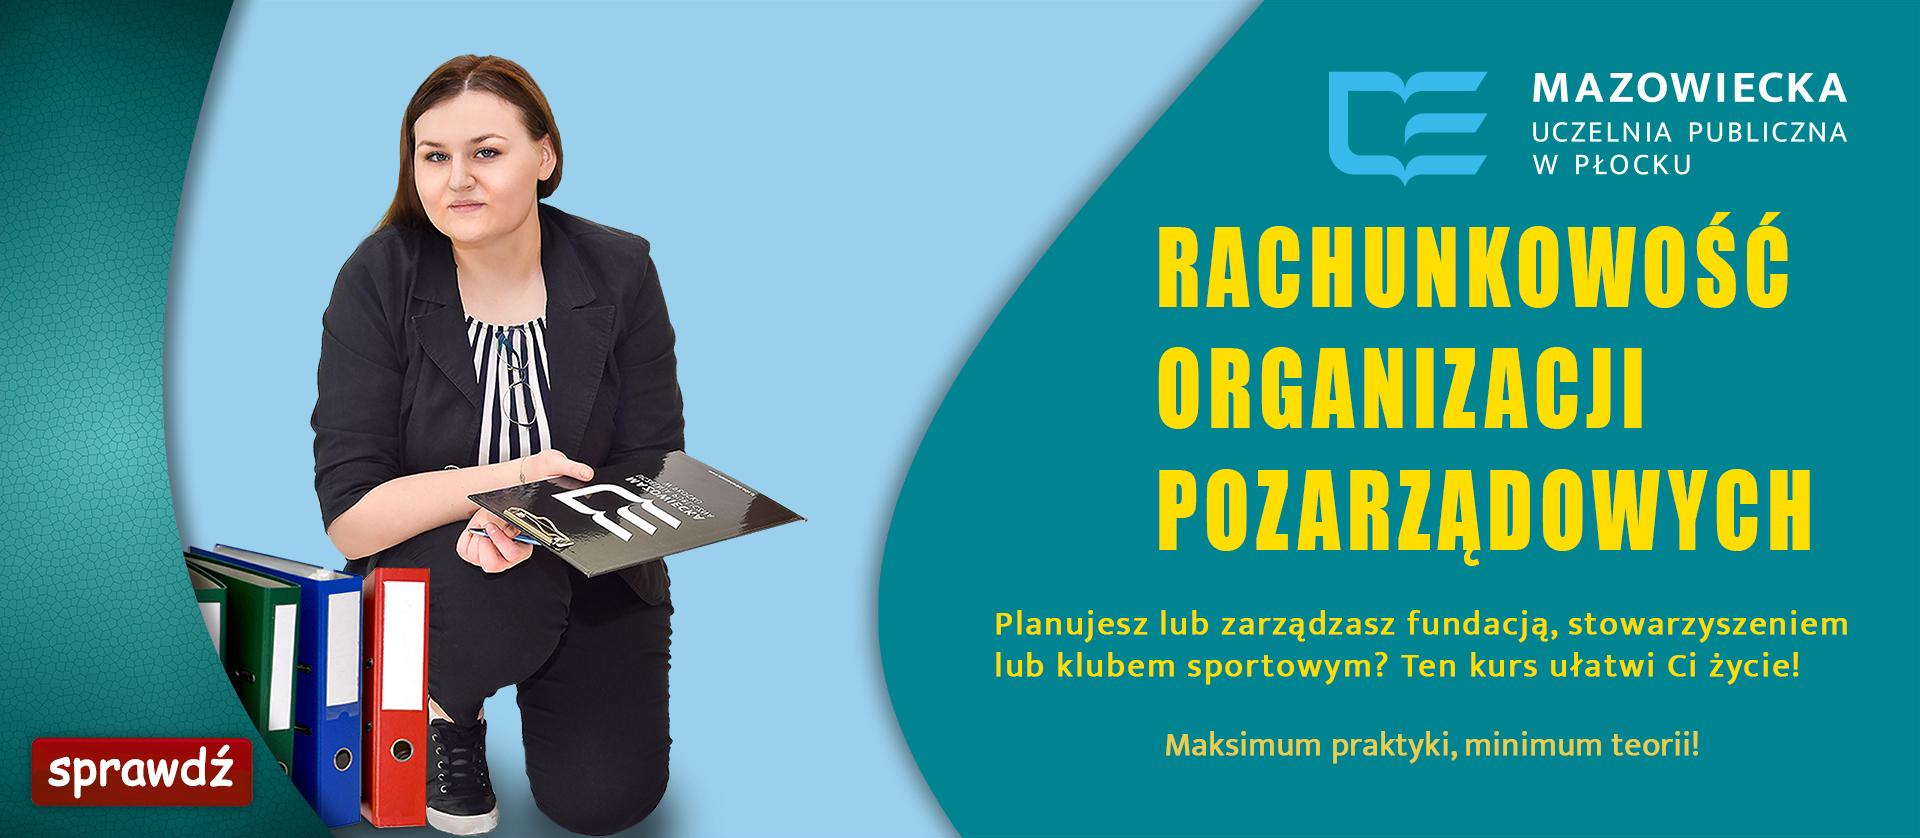 kurs rachunkowości organizacji pozarządowych